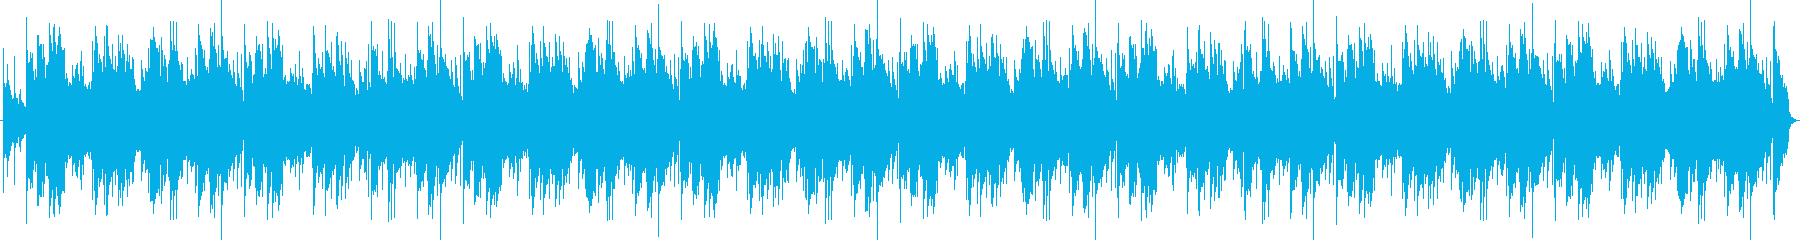 温かみのある弦パッドと空気のような...の再生済みの波形